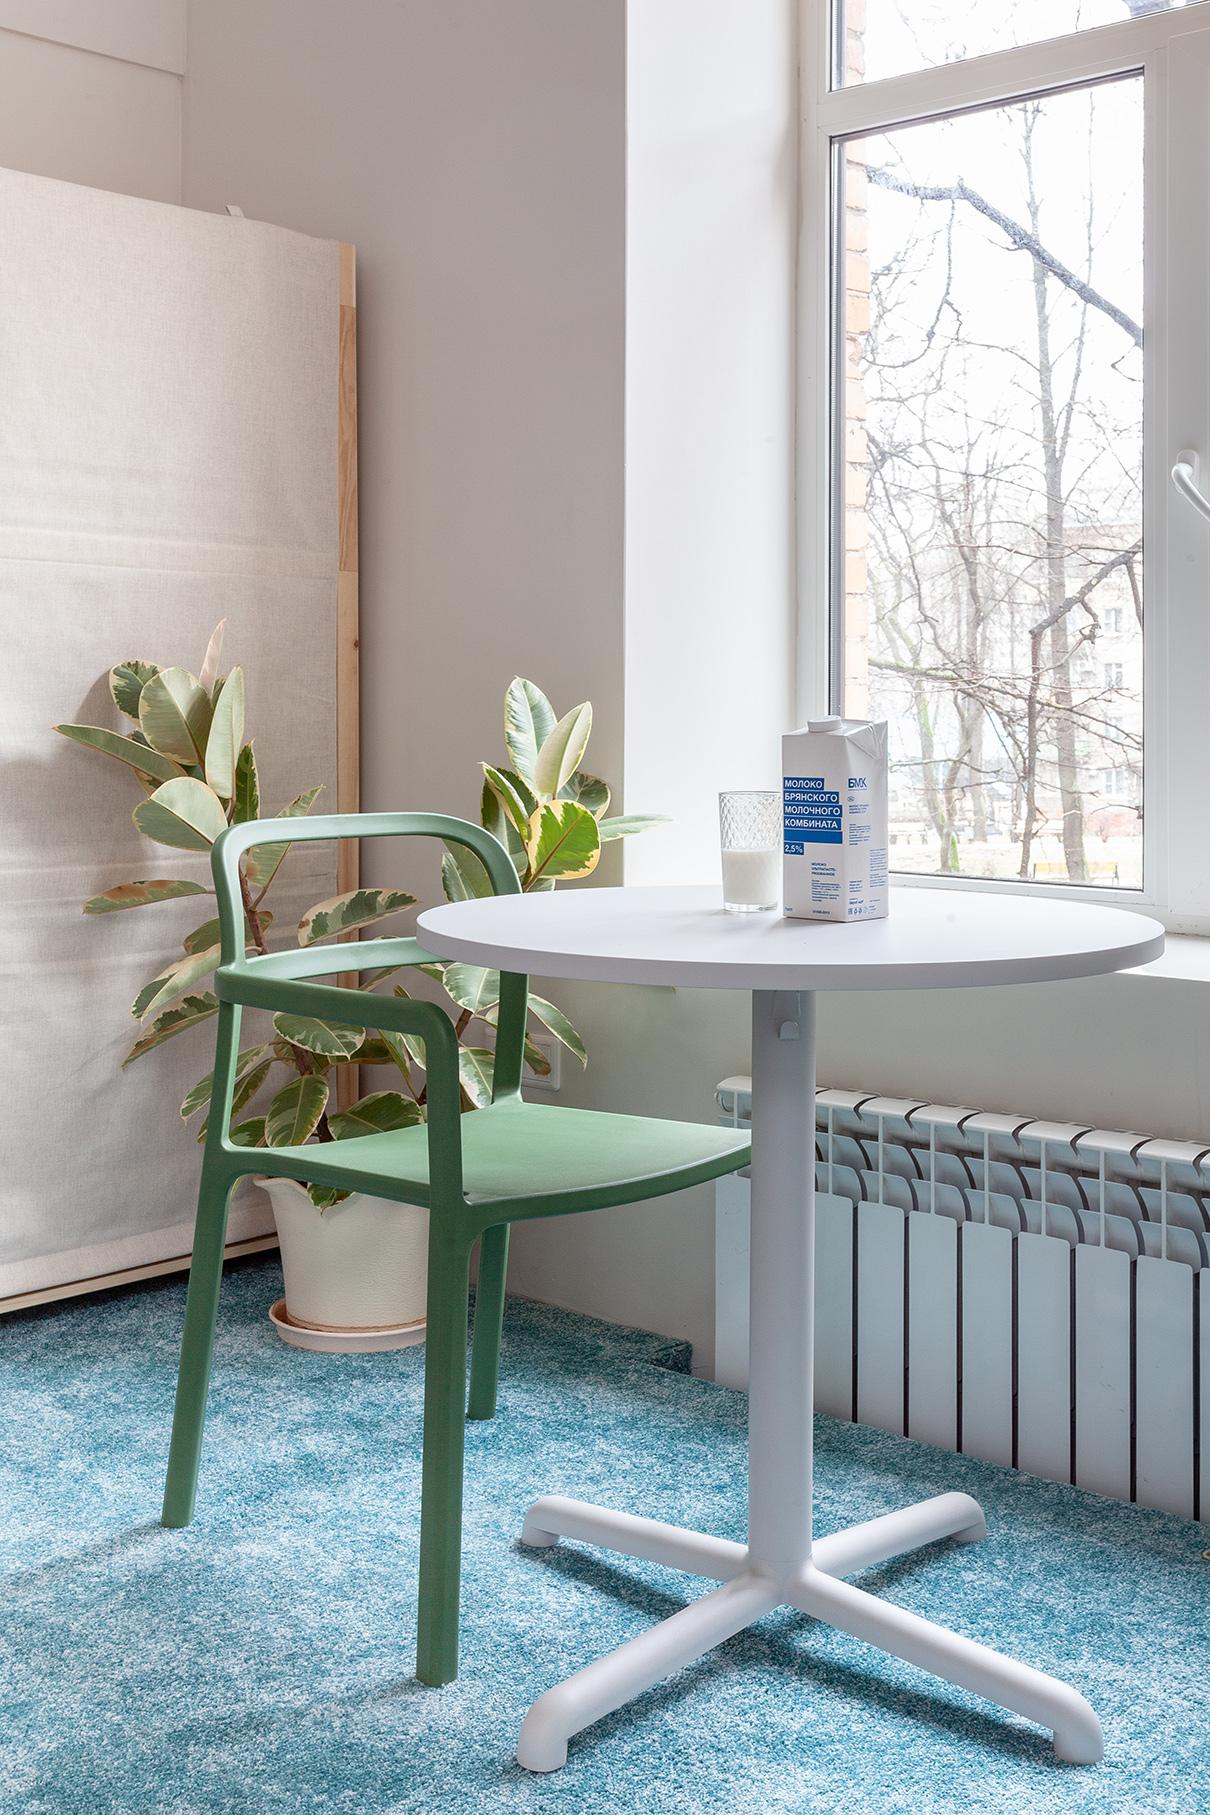 Несмотряна столь маленькую площадь, в квартире есть все необходимое, а за счет зонирования не создается ощущение нахождения в одной комнате